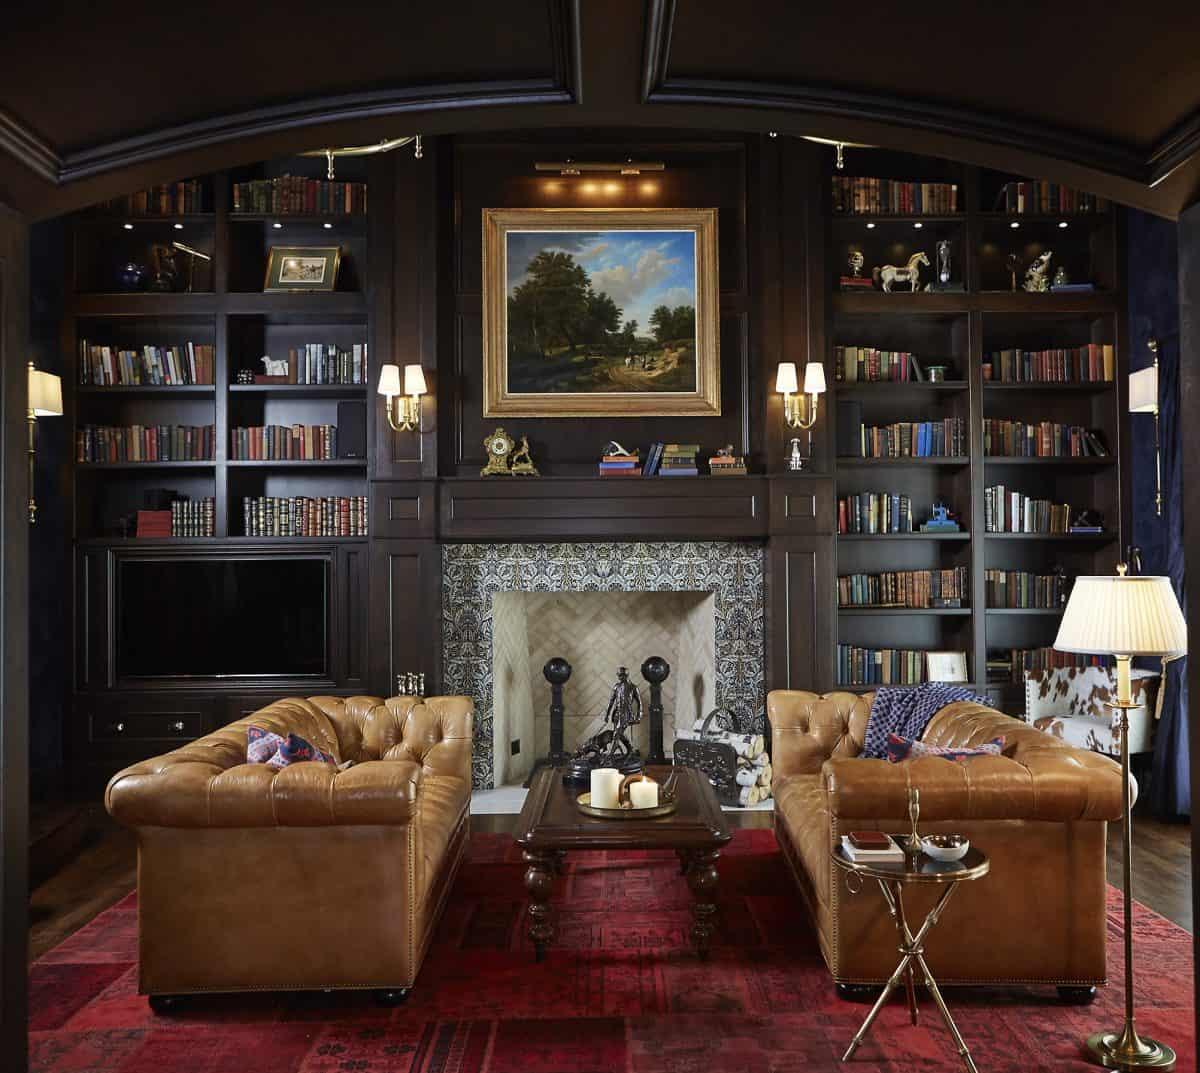 Zurich Fireplace Surround